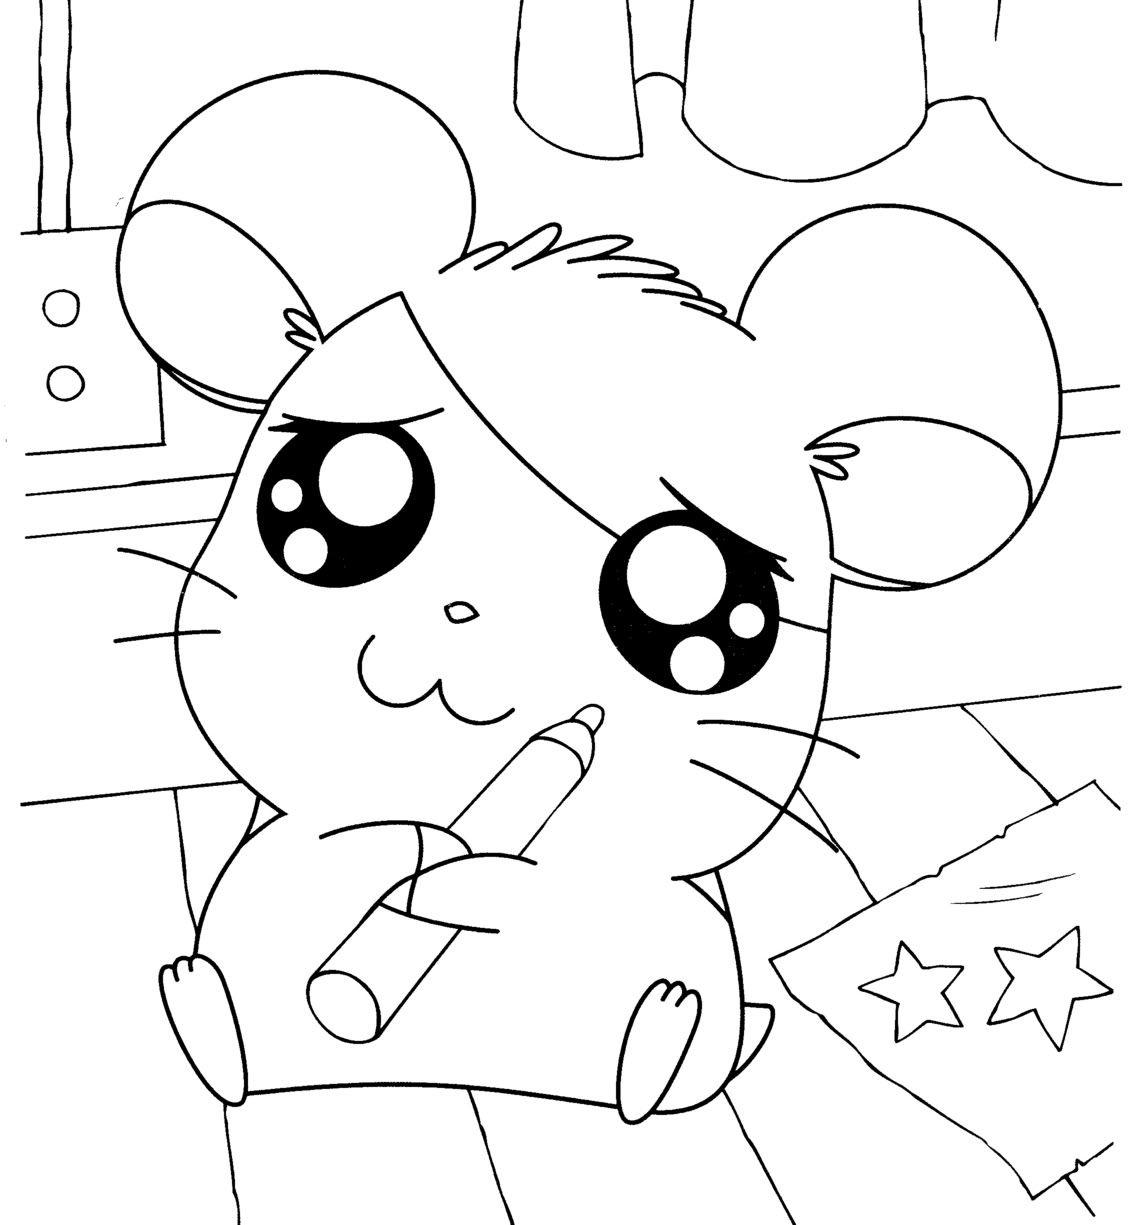 Resultado de imagen para pintar anime chibis | pintar anime ...